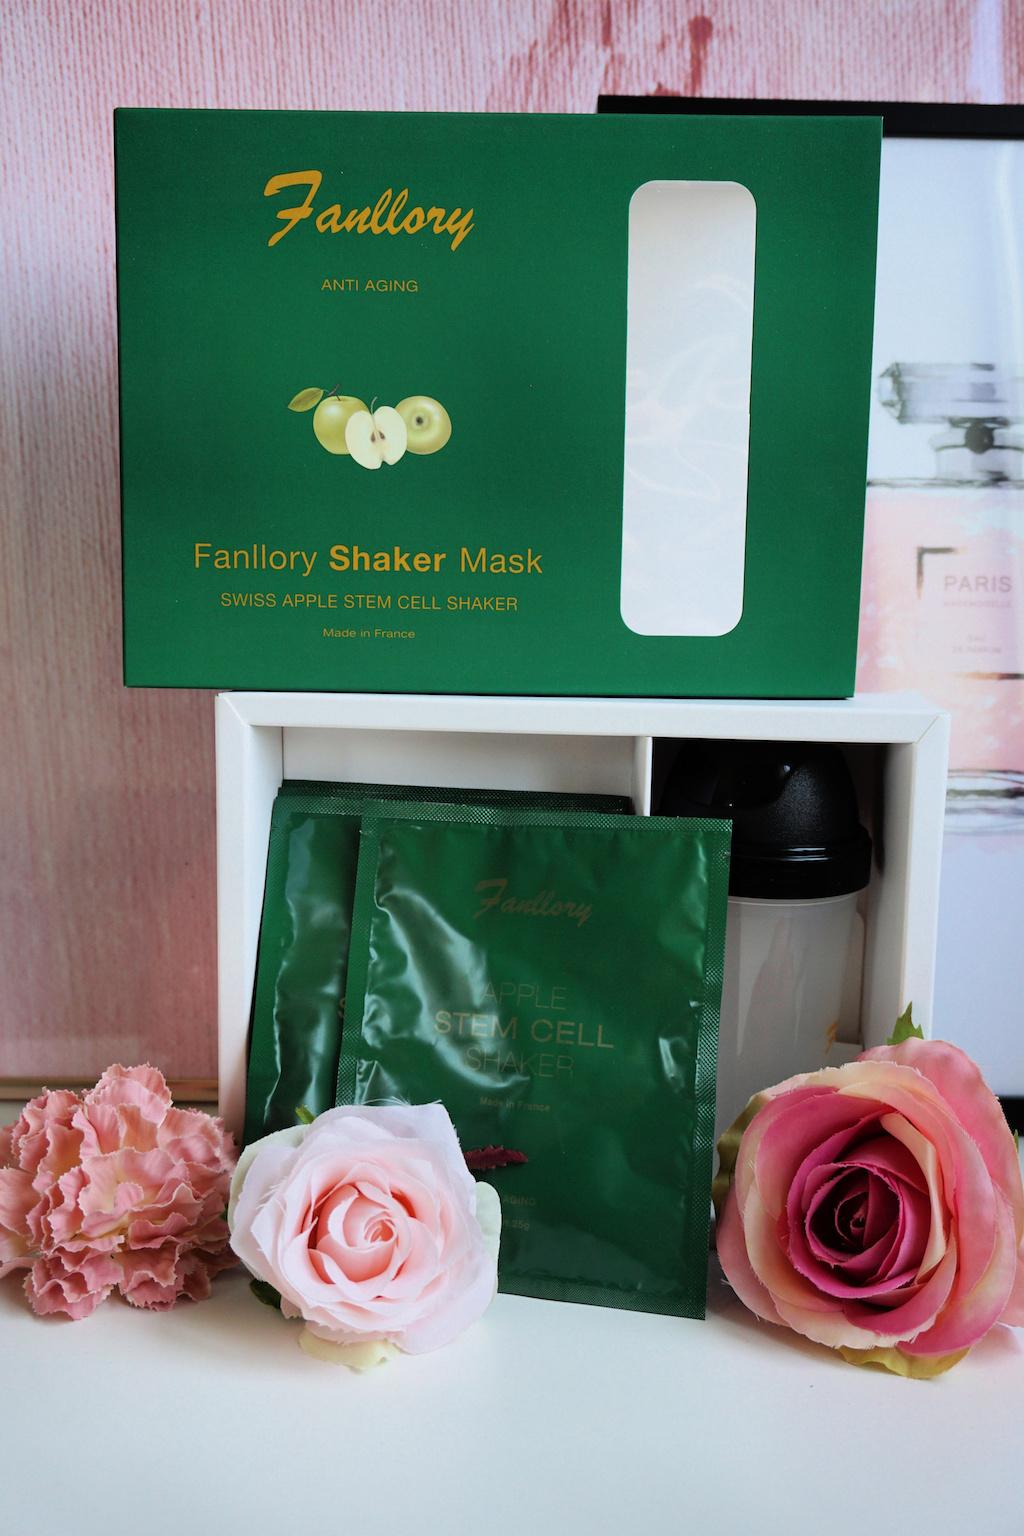 Over het Fanllory Swiss Apple Stem Cell Shaker Mask